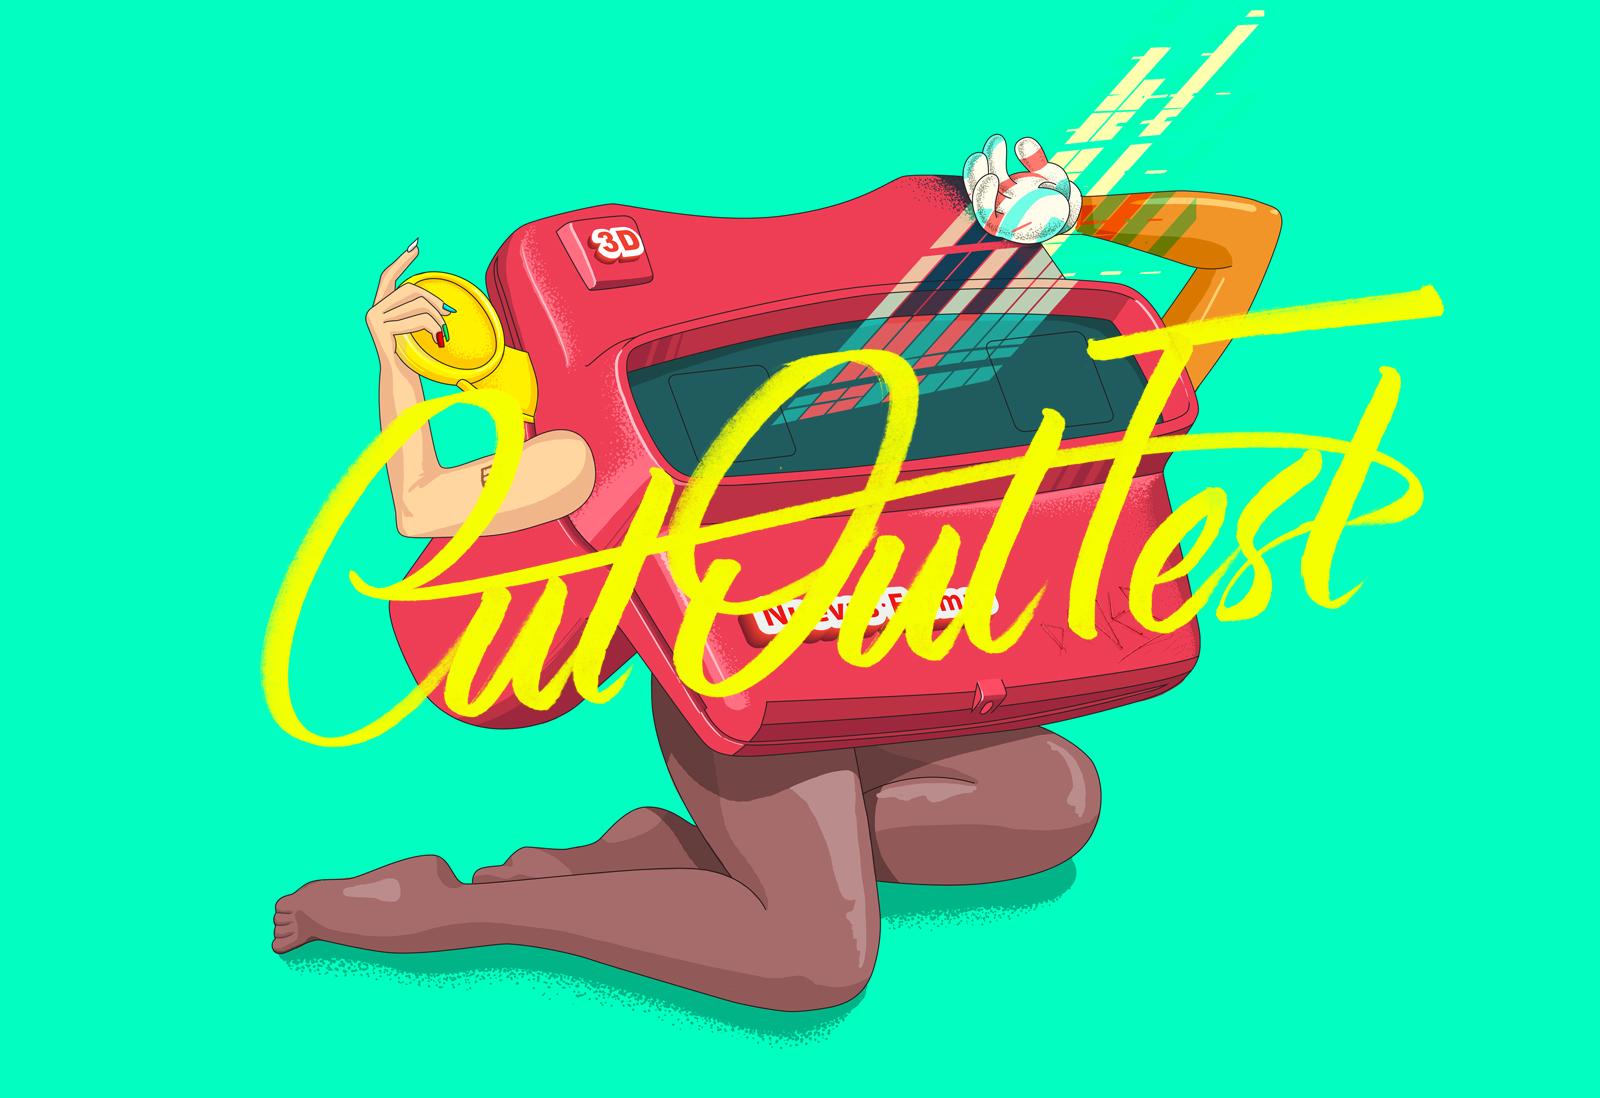 Cutout Fest